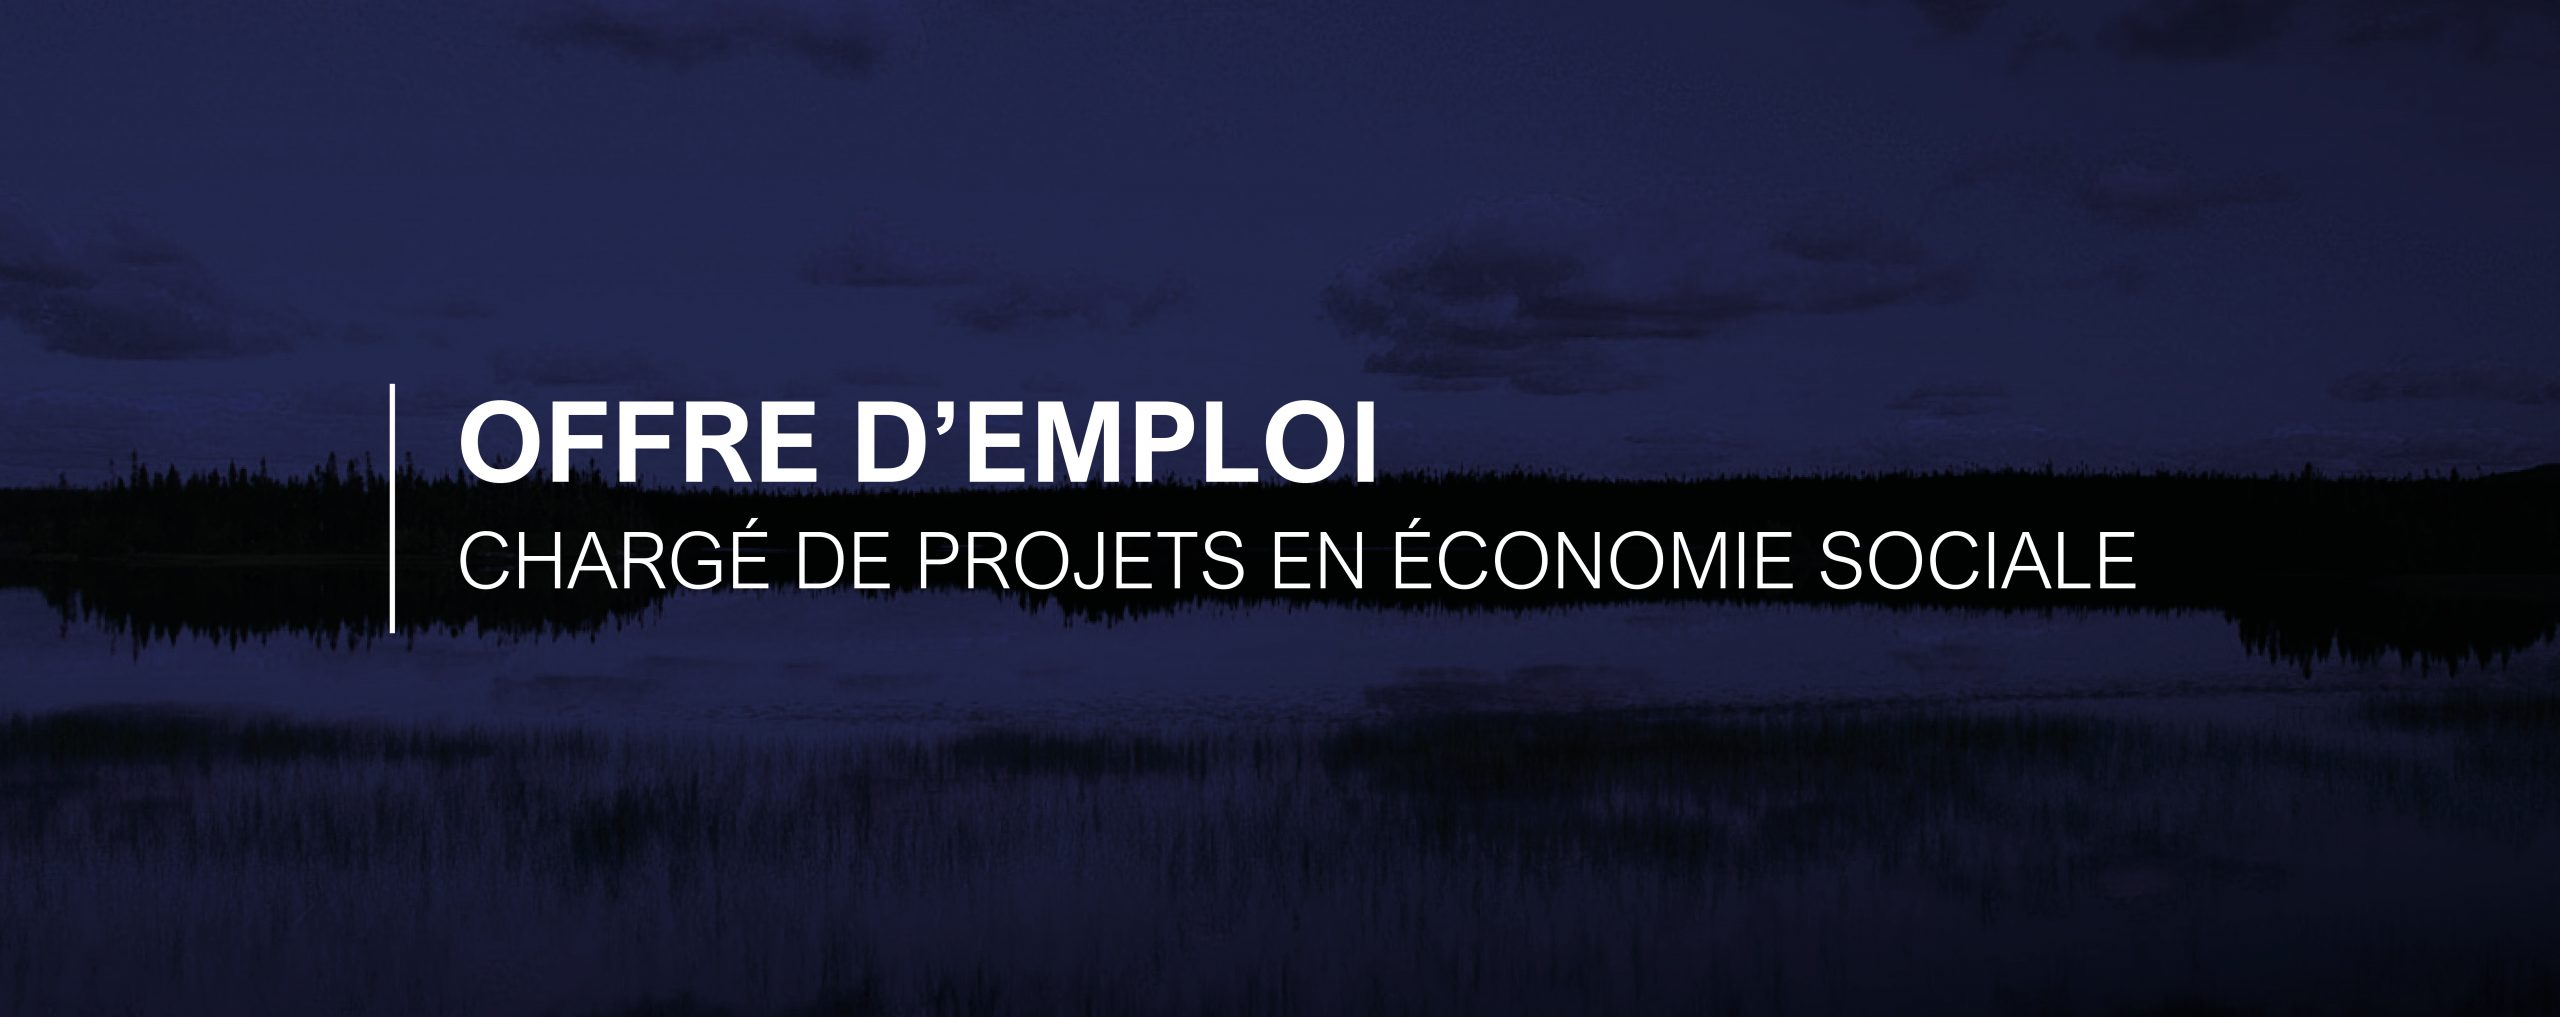 OFFRE D'EMPLOI | Chargé de projets en économie sociale